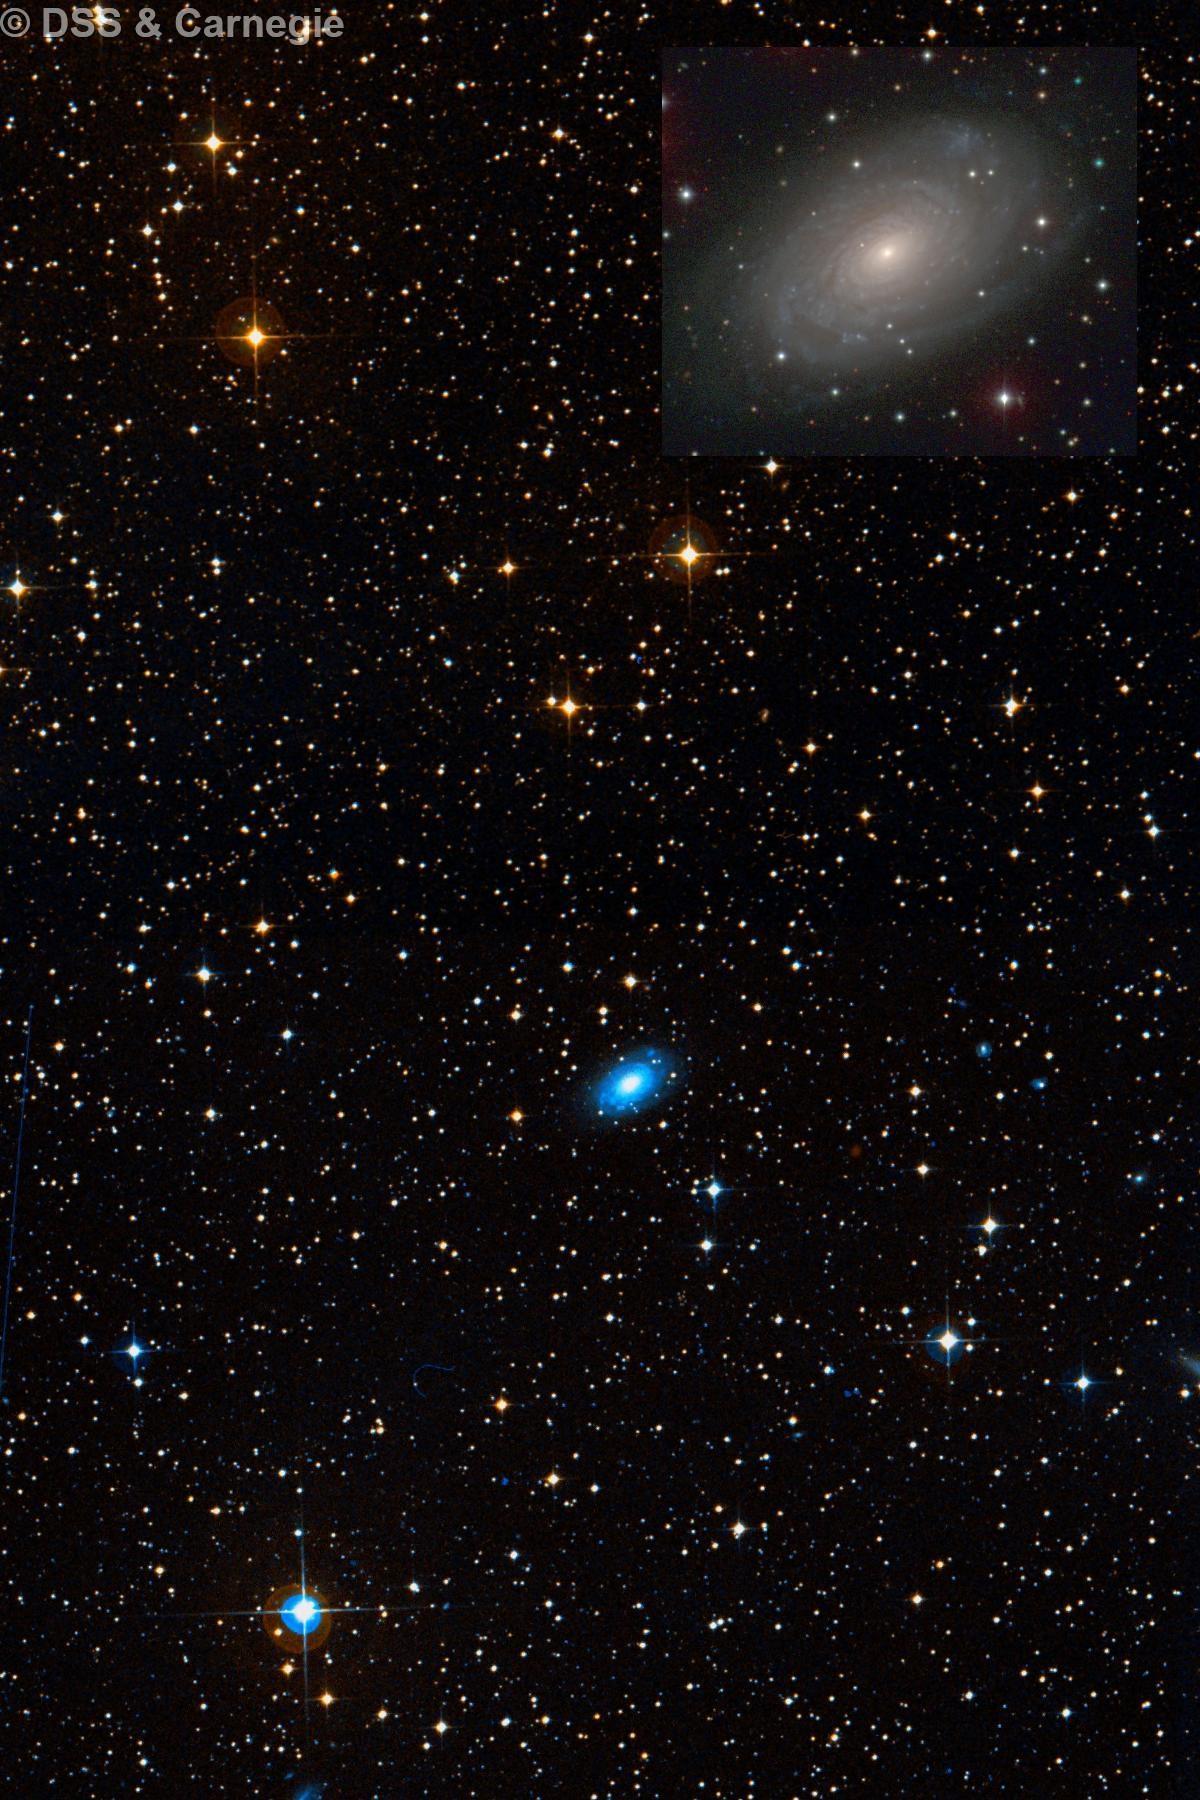 NGC 3038